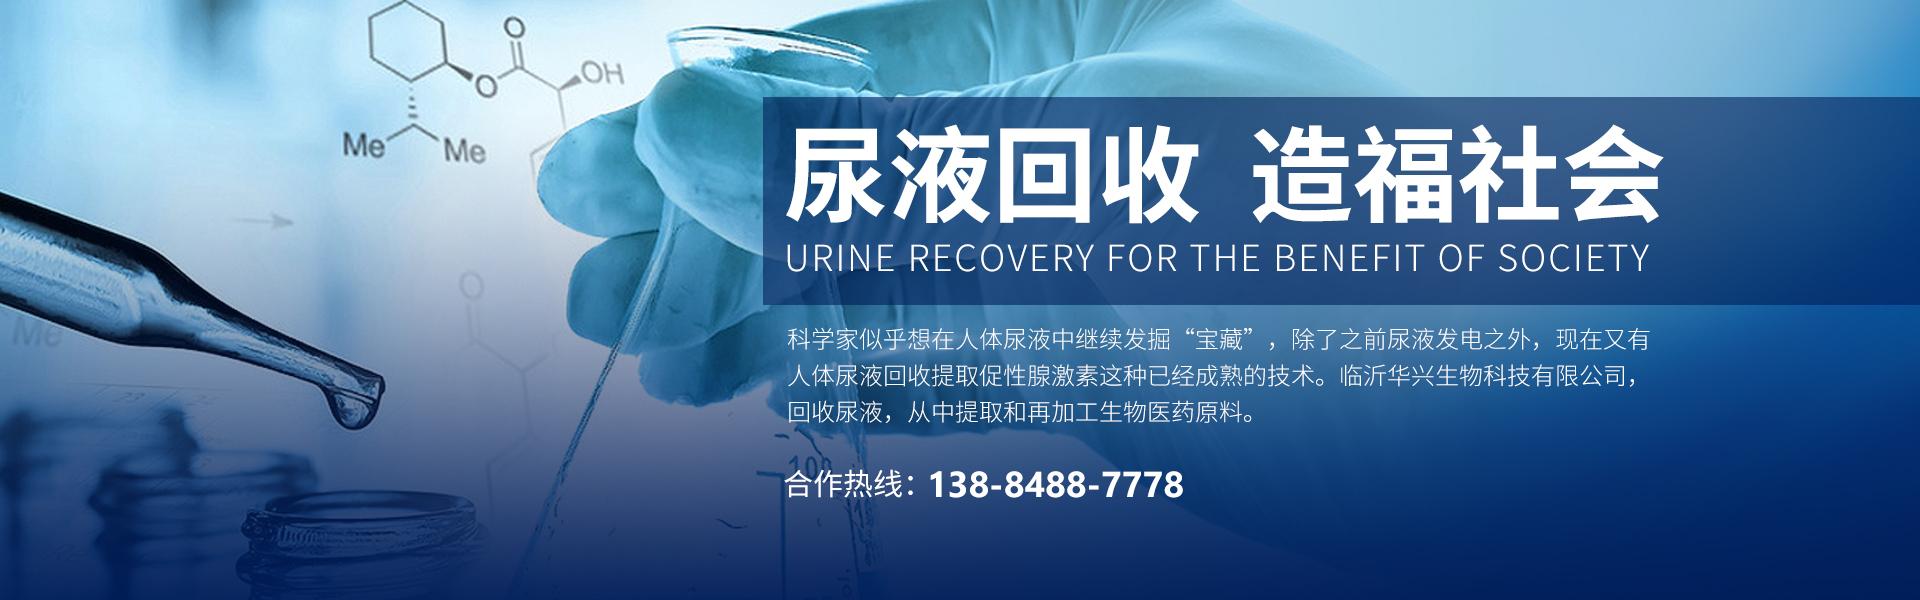 人体尿液回收,人体尿液粗品收购,孕妇尿液回收,绝经老太太尿液回收